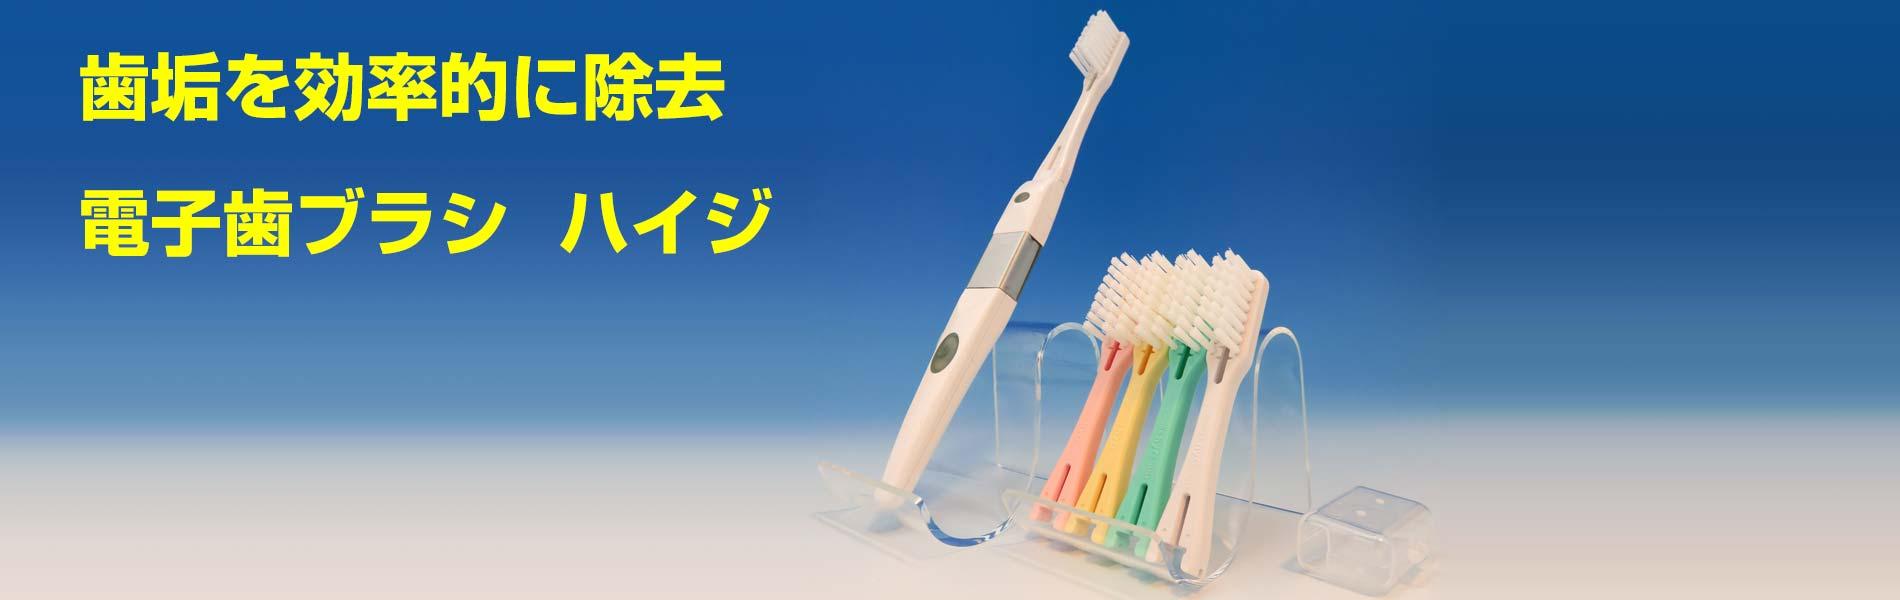 音波振動電子歯ブラシ ハイジ イオンパ ホーム